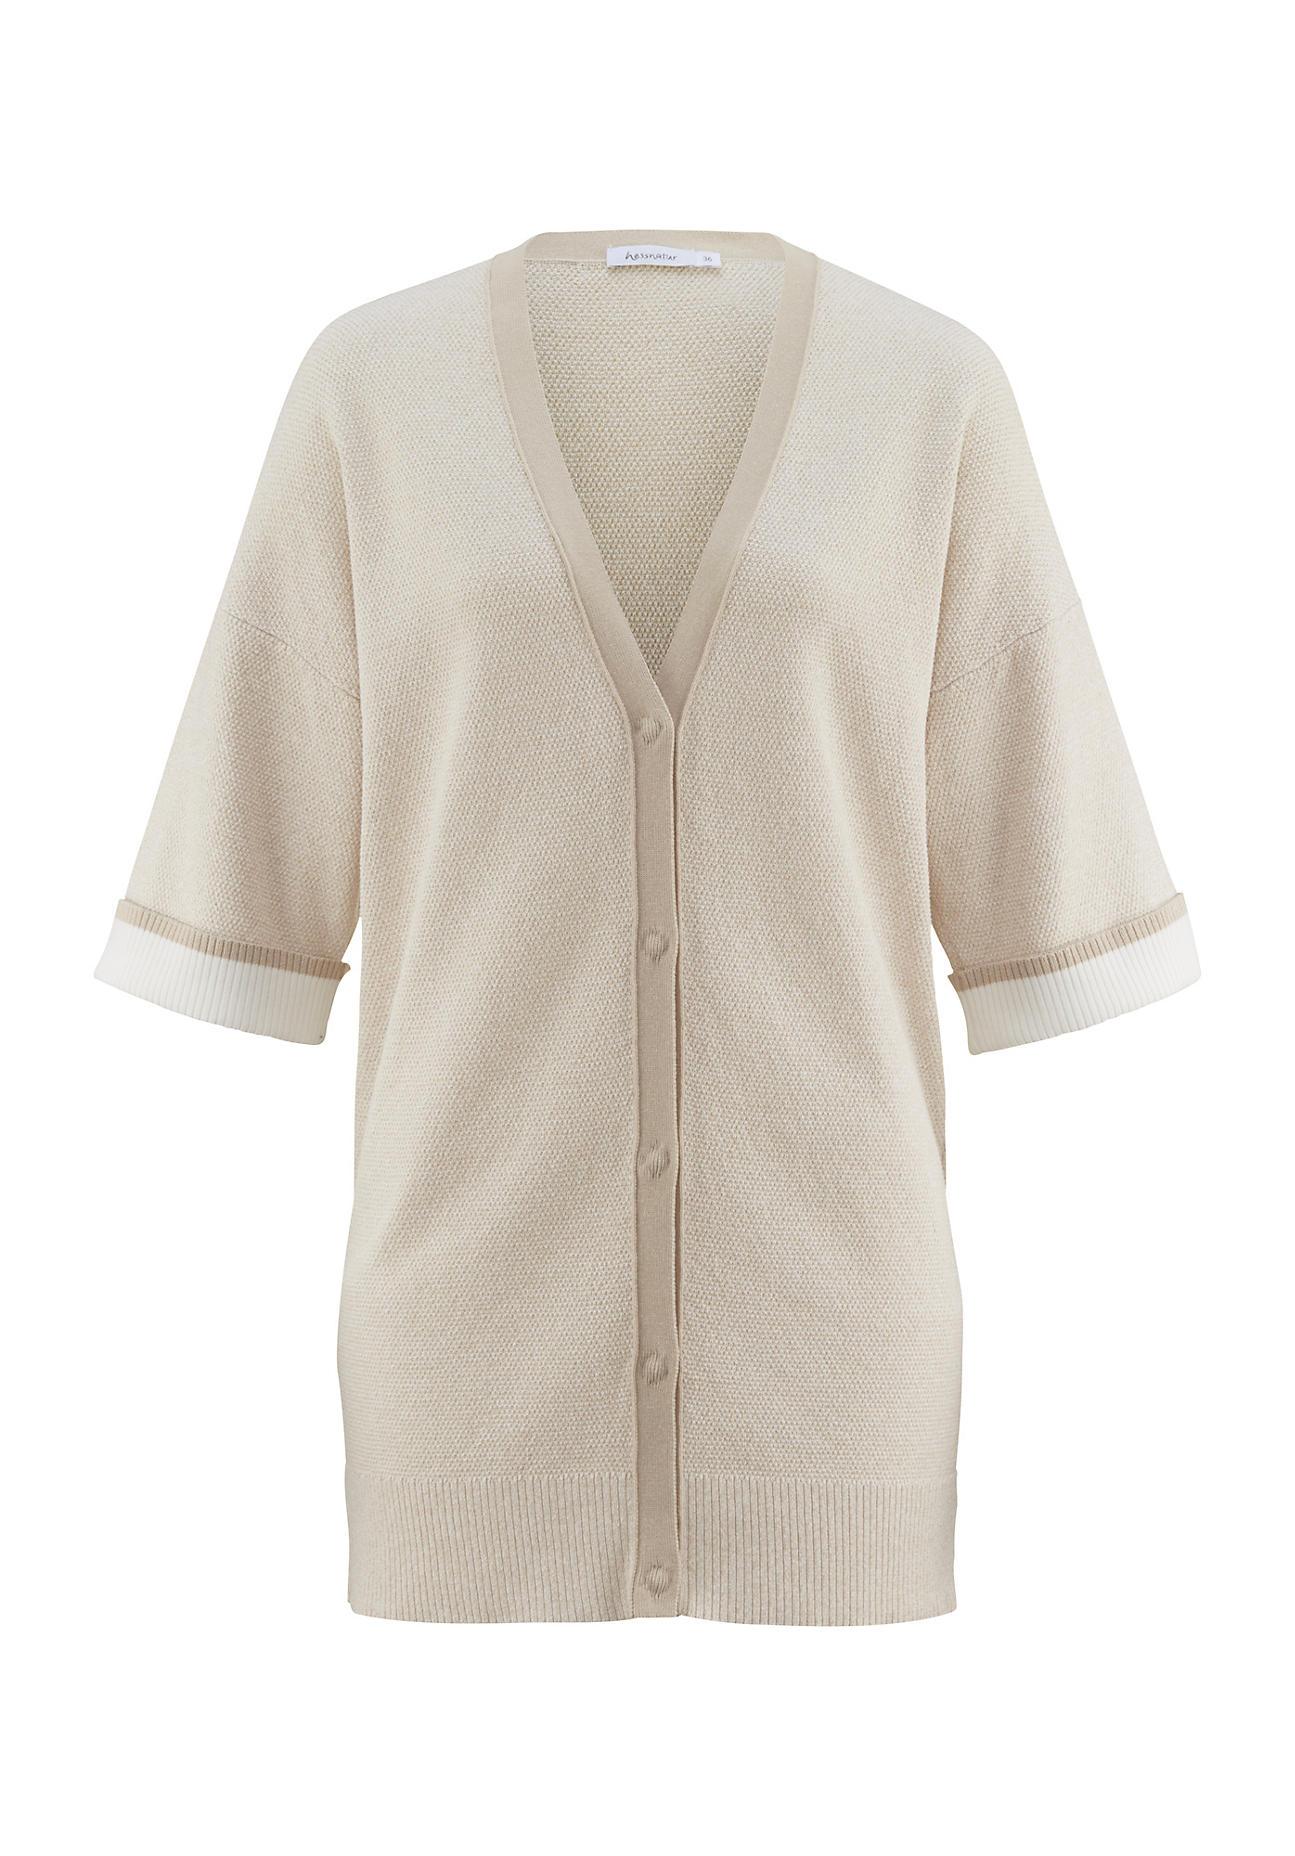 hessnatur -  Damen Strickjacke aus Bio-Baumwolle – beige – Größe XS